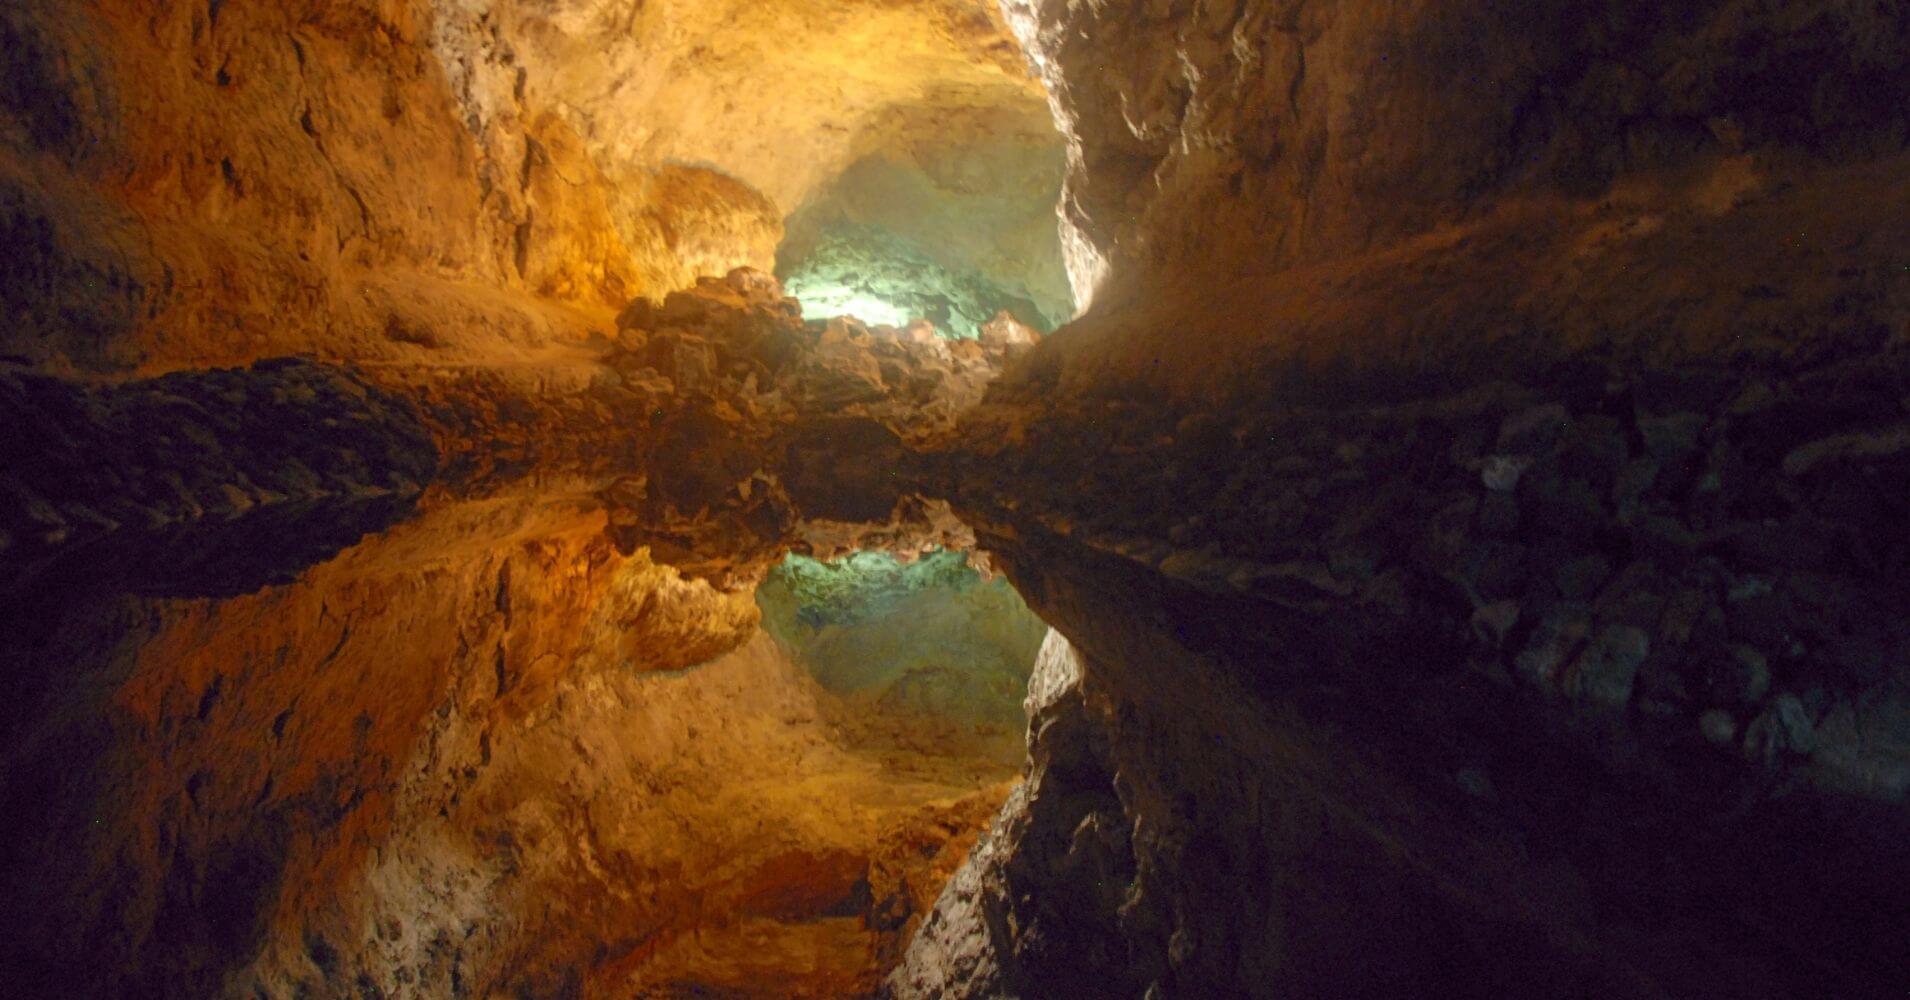 Cueva de los Verdes. Isla de Lanzarote. Islas Canarias. España.